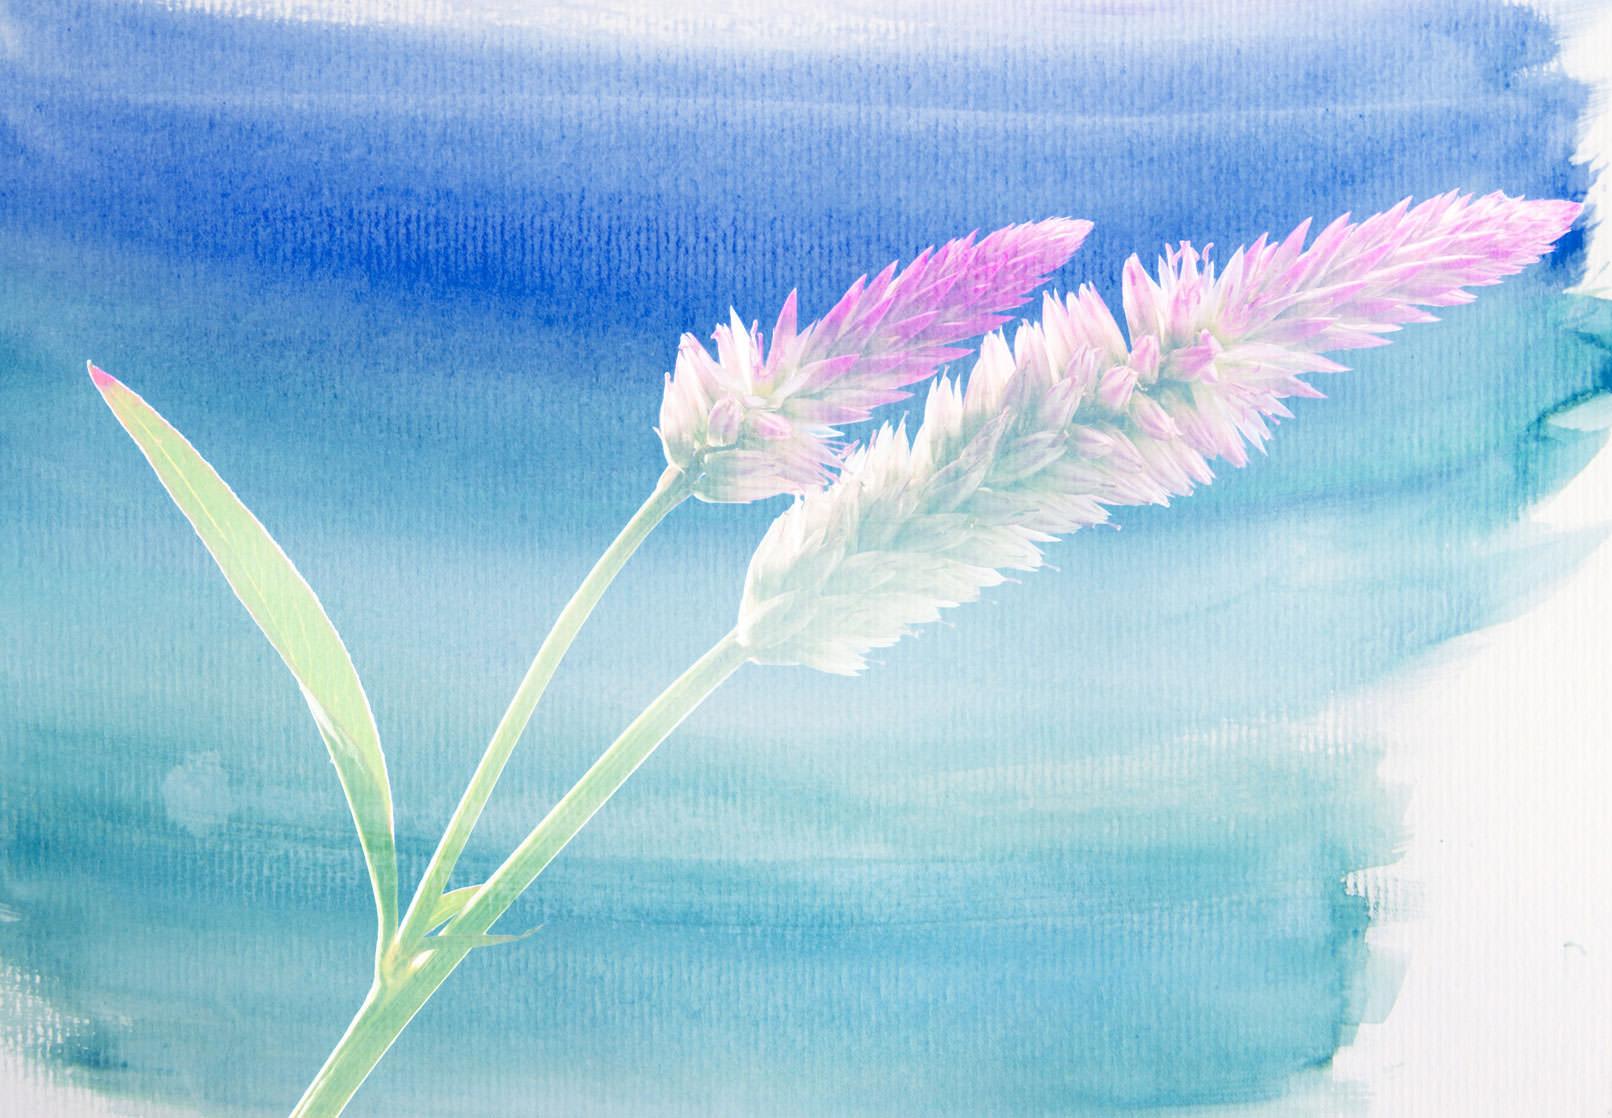 Wasserfarben-Bild mit Blume